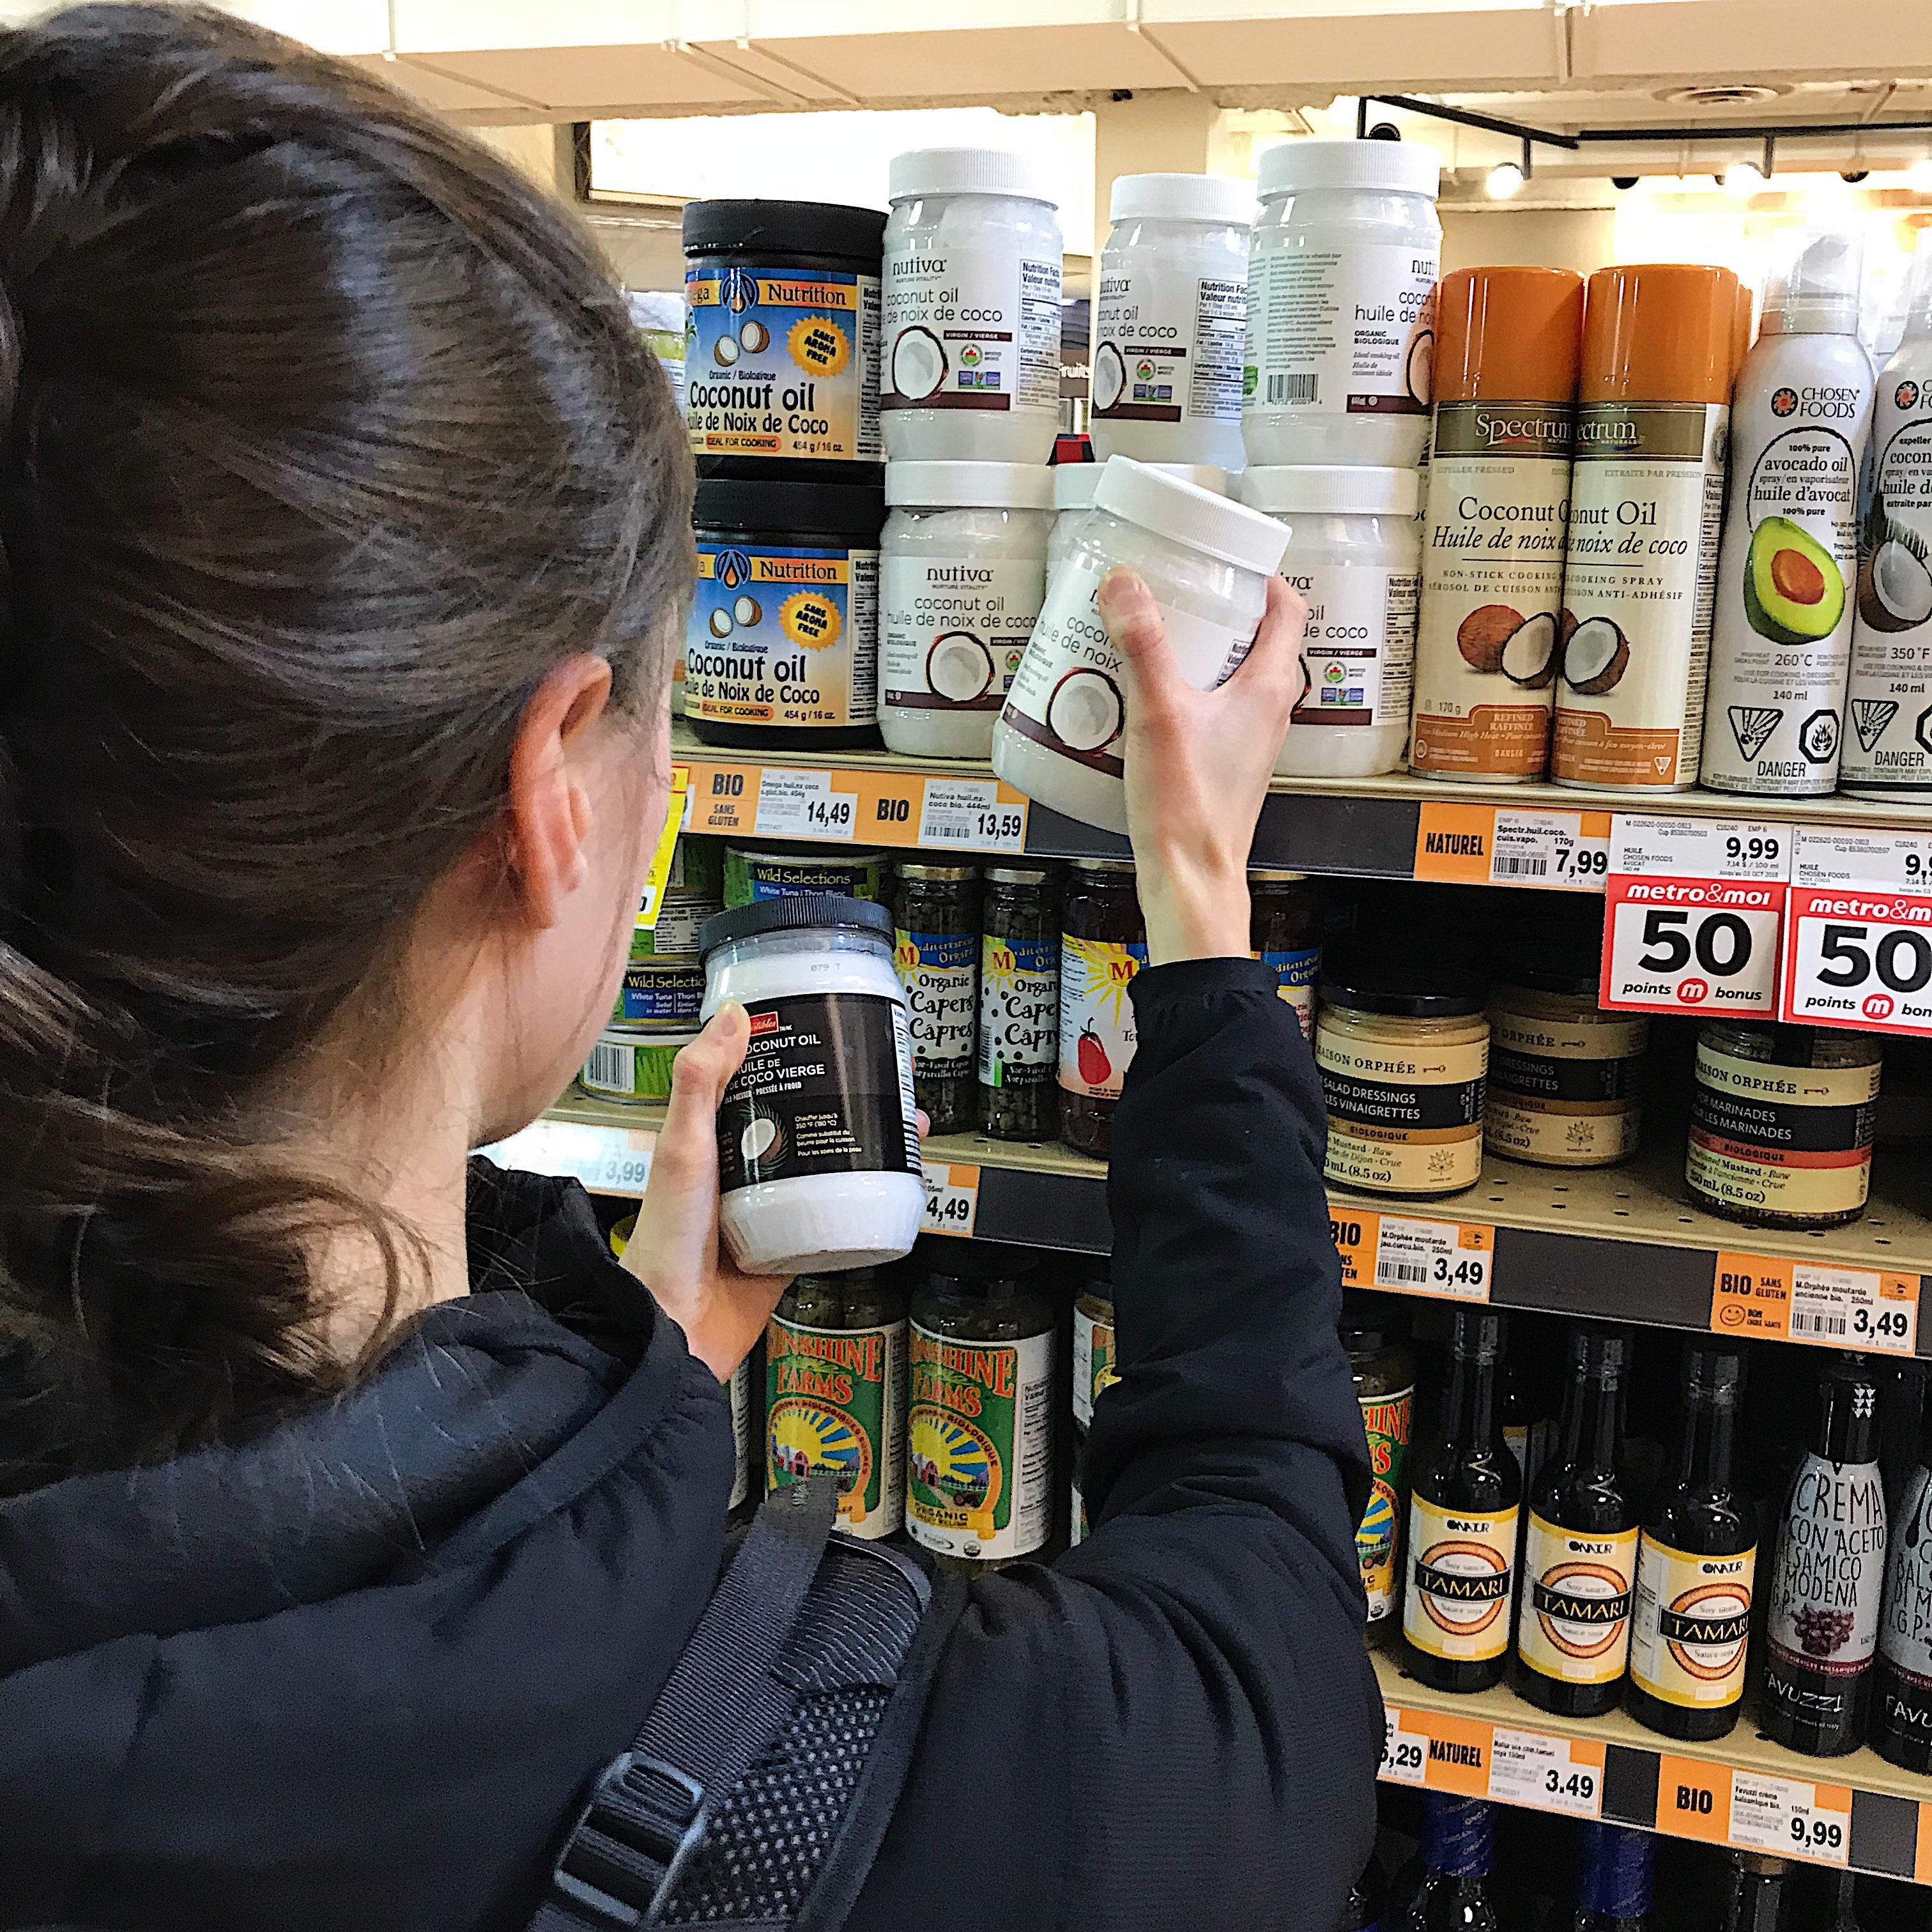 Mon avis de nutritionniste sur l'huile de coco